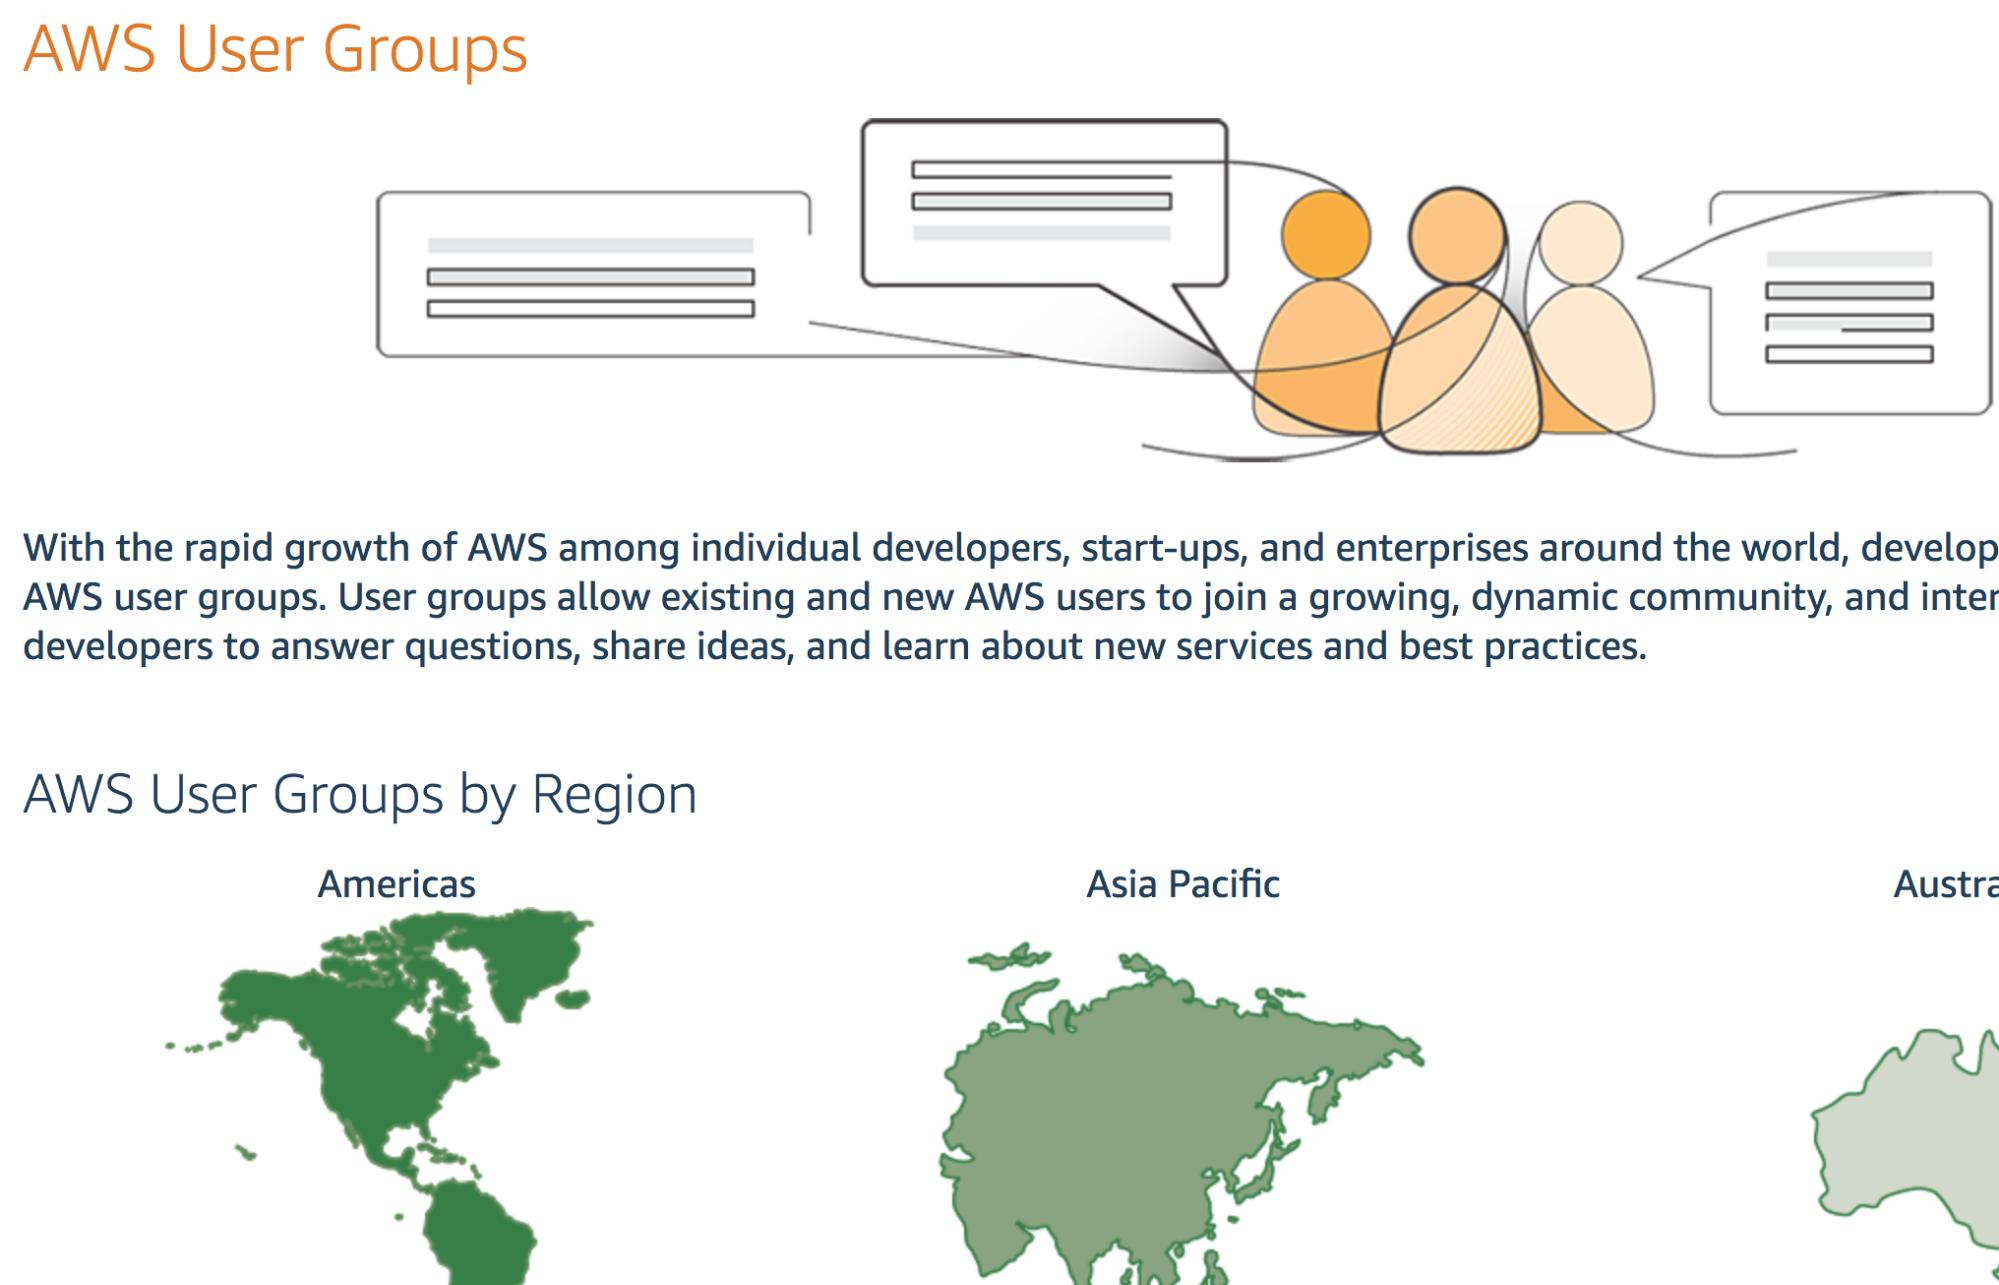 Screenshot showing AWS user groups information